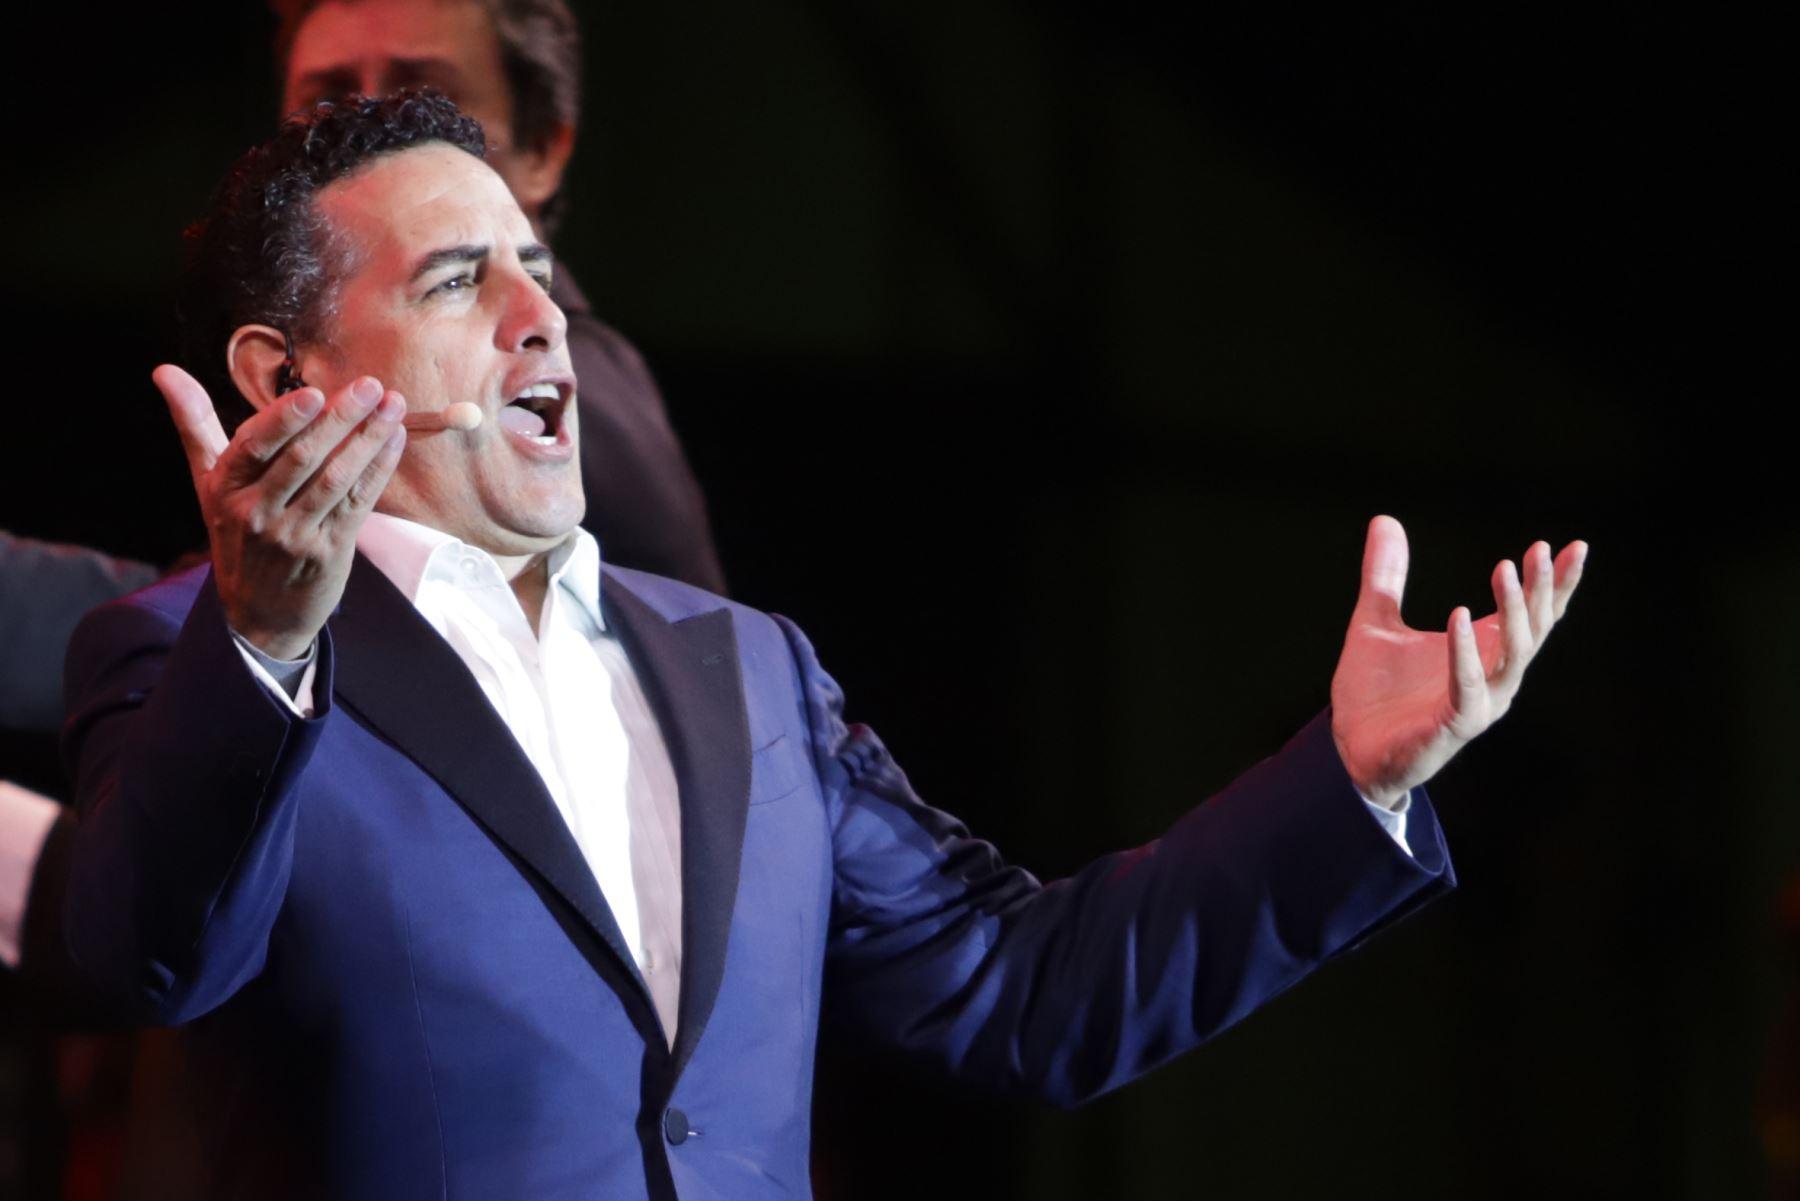 """""""Serenata por el Perú"""" que ofrece el tenor peruano Juan Diego Florez   acompañado por la Orquesta Sinfónica y el Coro Juvenil de Sinfonía Perú, en la Plaza Mayor de Lima.Foto:ANDINA/Jorge Tello"""